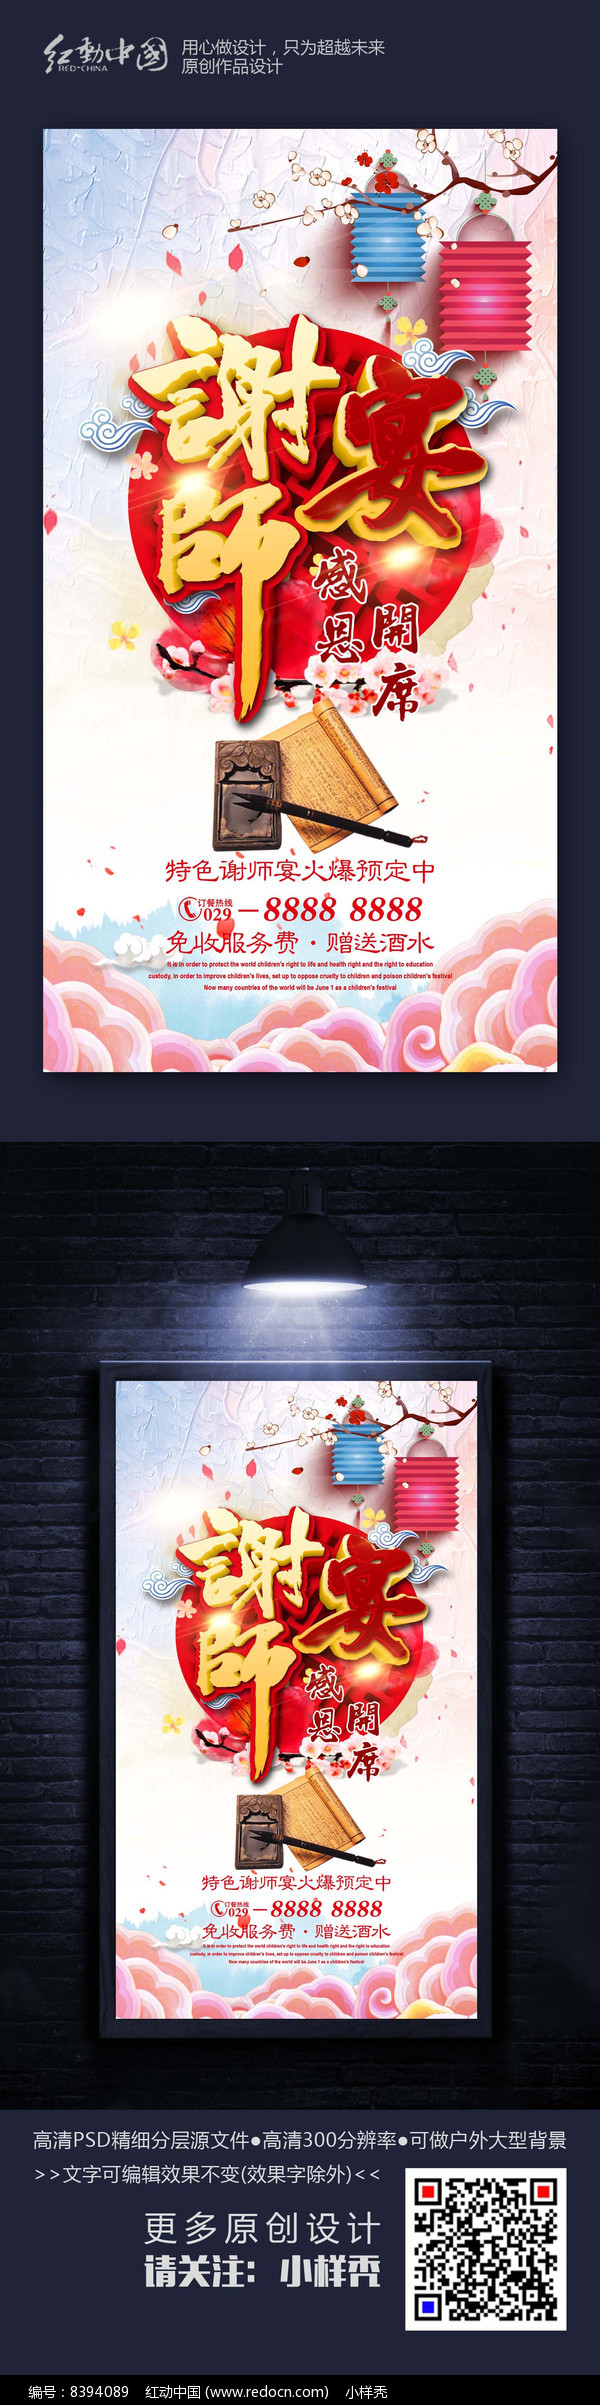 炫彩时尚精品最新谢师宴海报图片